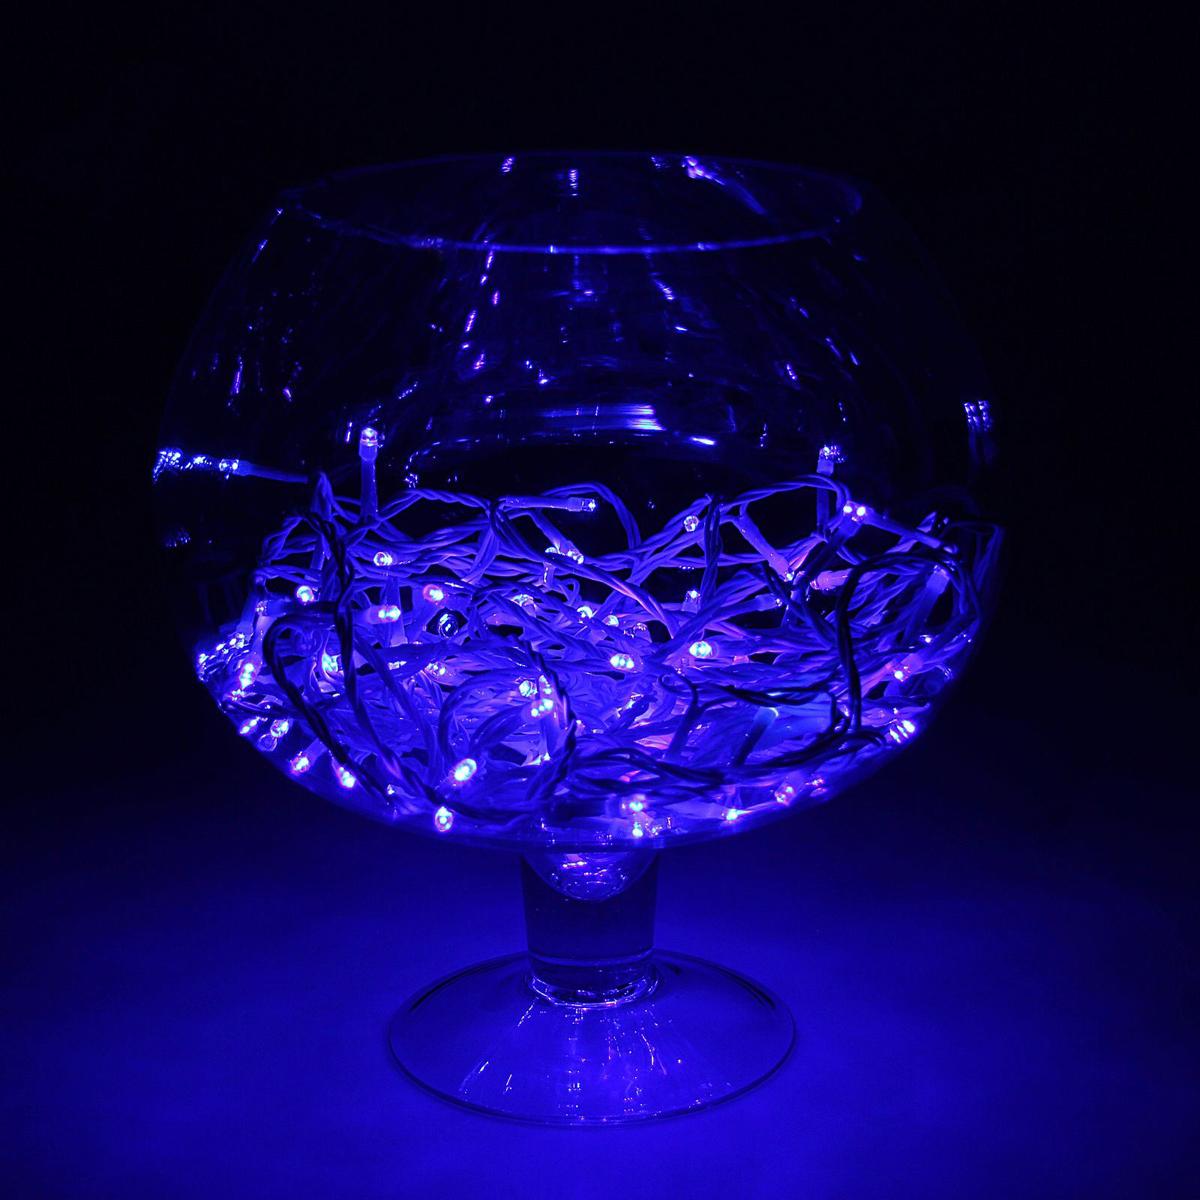 Гирлянда светодиодная Luazon Метраж, уличная, мерцание, 100 ламп, 24 V, 10 м, цвет: синий. 15860221586022Гирлянда светодиодная Luazon Метраж - это отличный вариант для новогоднего оформления интерьера или фасада. С ее помощью помещение любого размера можно превратить в праздничный зал, а внешние элементы зданий, украшенные ей, мгновенно станут напоминать очертания сказочного дворца. Такое украшение создает ауру предвкушения чуда. Деревья, фасады, витрины, окна и арки будто специально созданы, чтобы вы украсили их светящимися нитями. Гирлянда не имеет контроллера. Тип вилки: УМС.